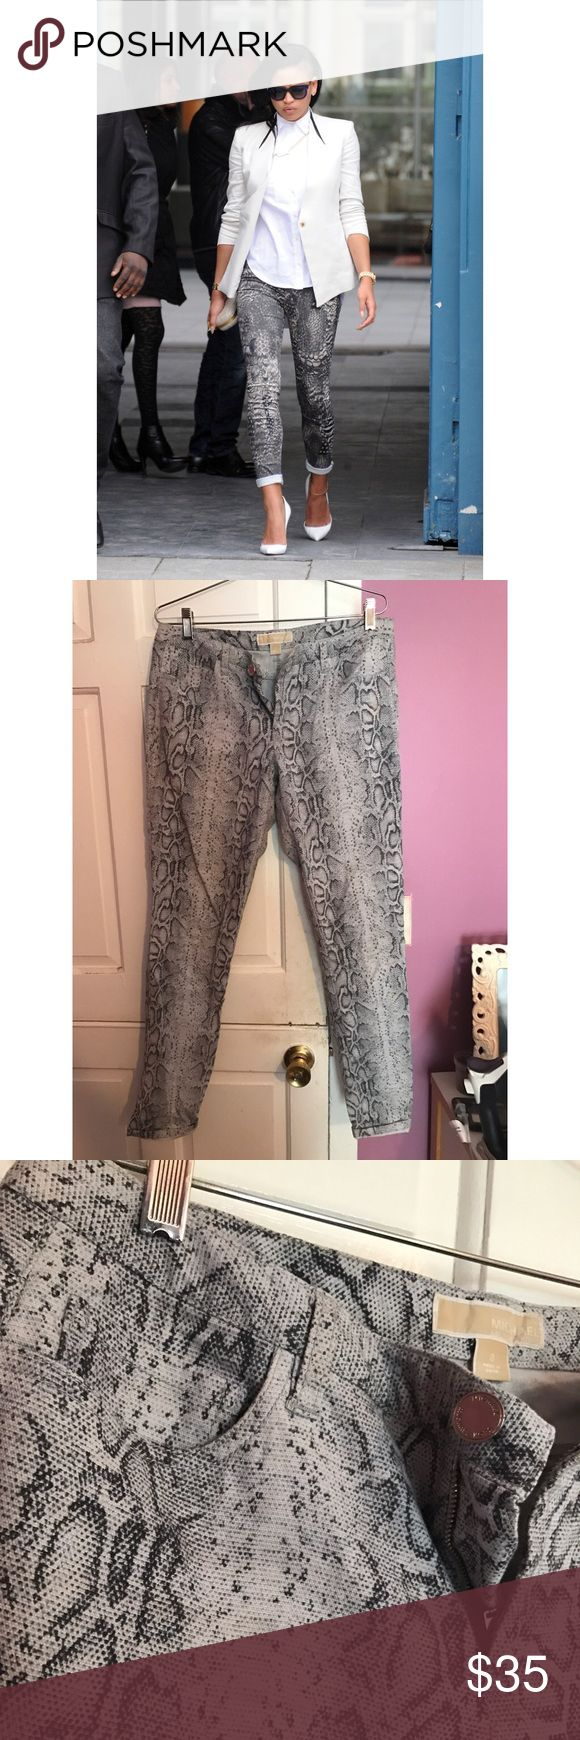 Michael Kors Python Print Pants ✨✨ Michael Kors Python Prints Pants. Size 8. Fits VERY well. Like a glove. MICHAEL Michael Kors Pants Skinny